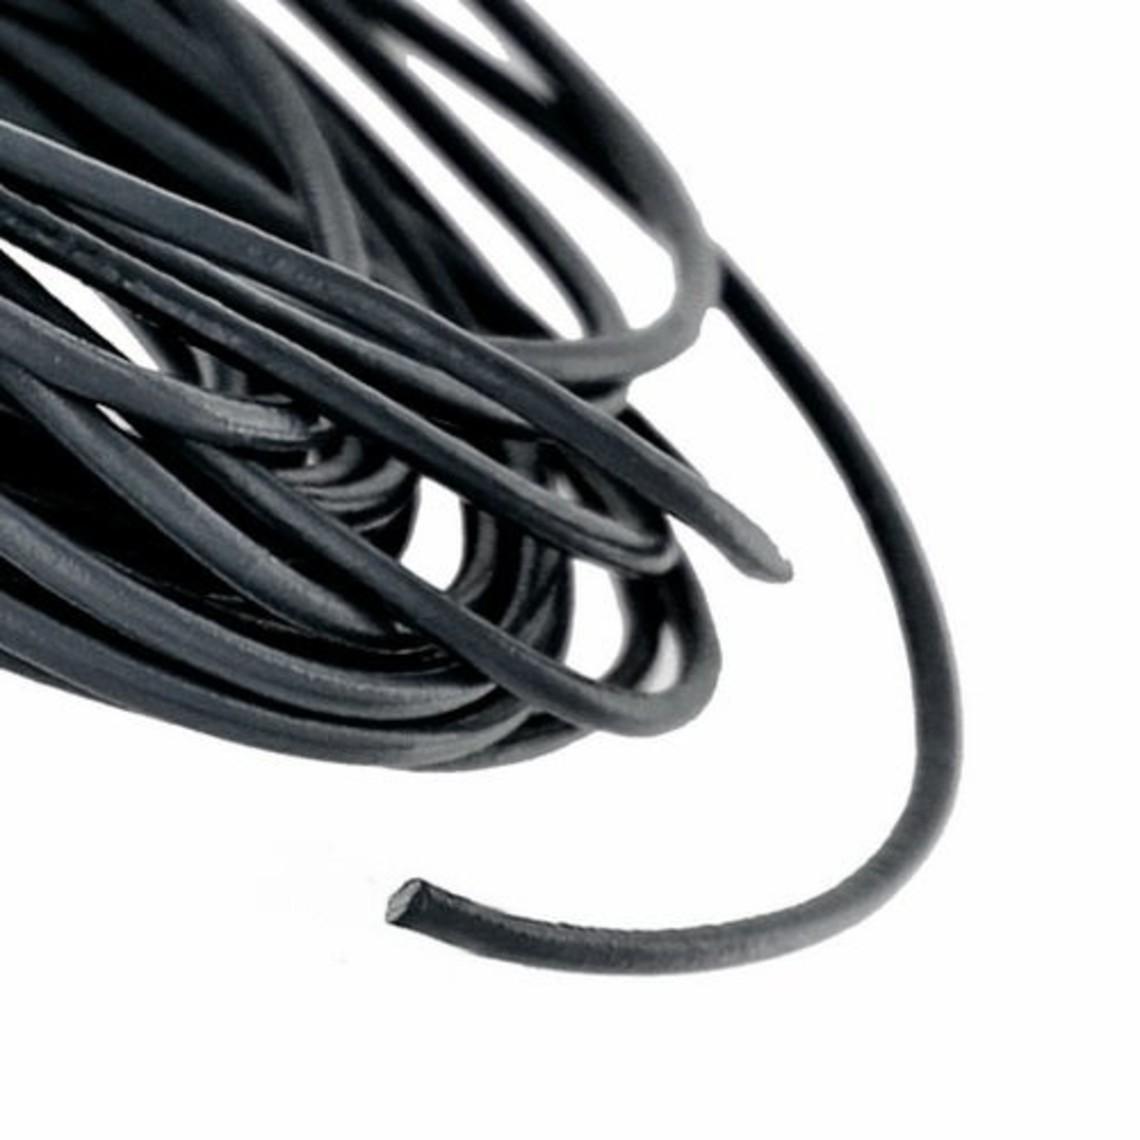 cordón de cuero natural 1 mm x 1 m